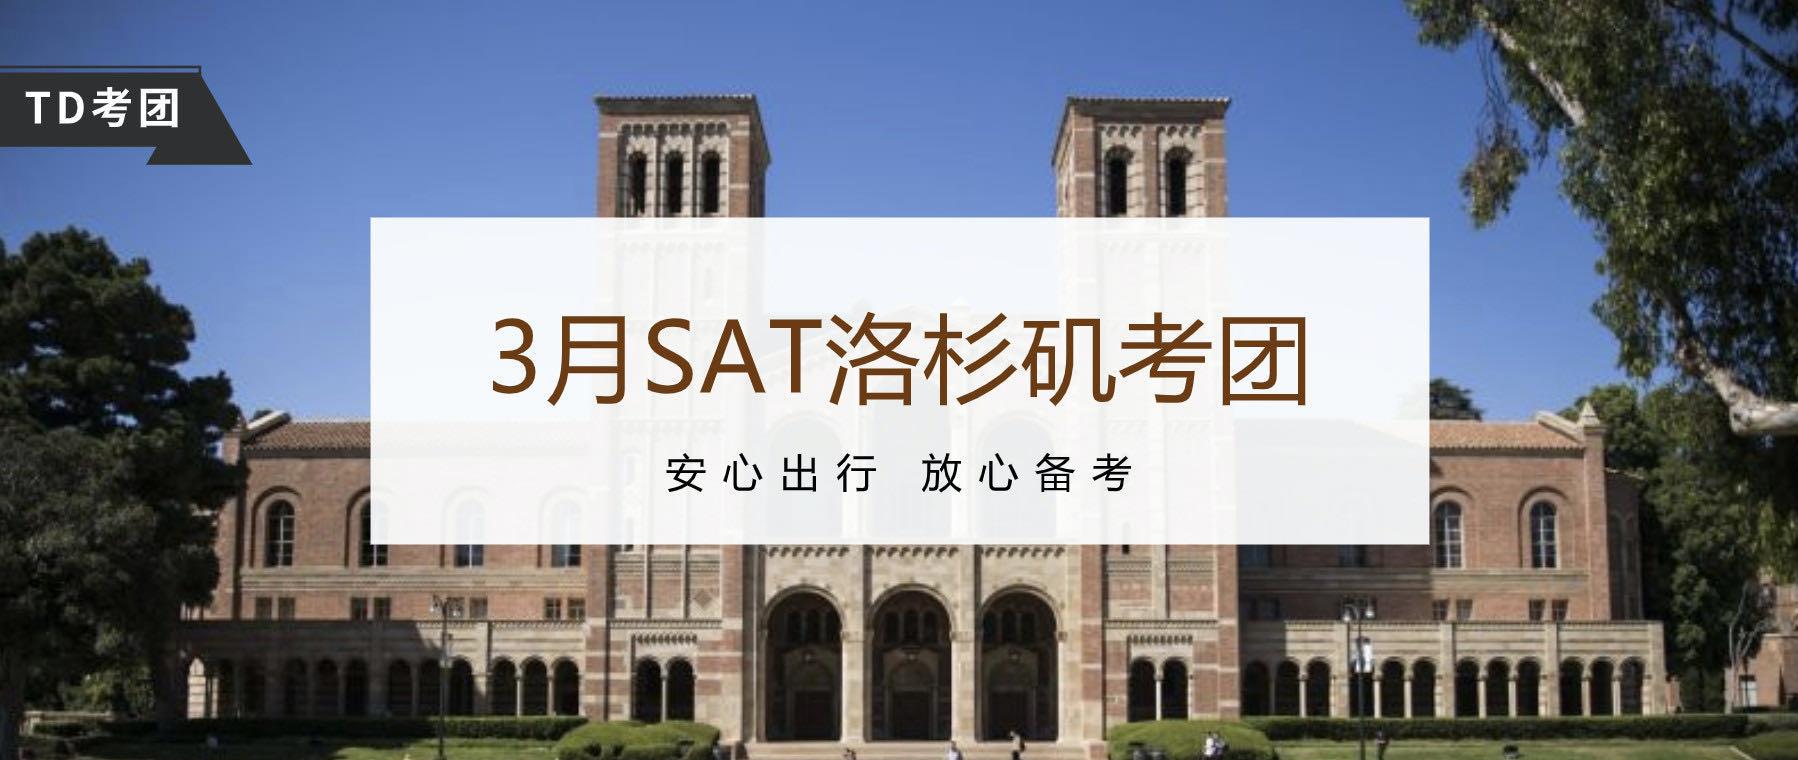 2020年3月SAT北美洛杉矶考团:安心出行,顺心考试!-TD SAT考试团